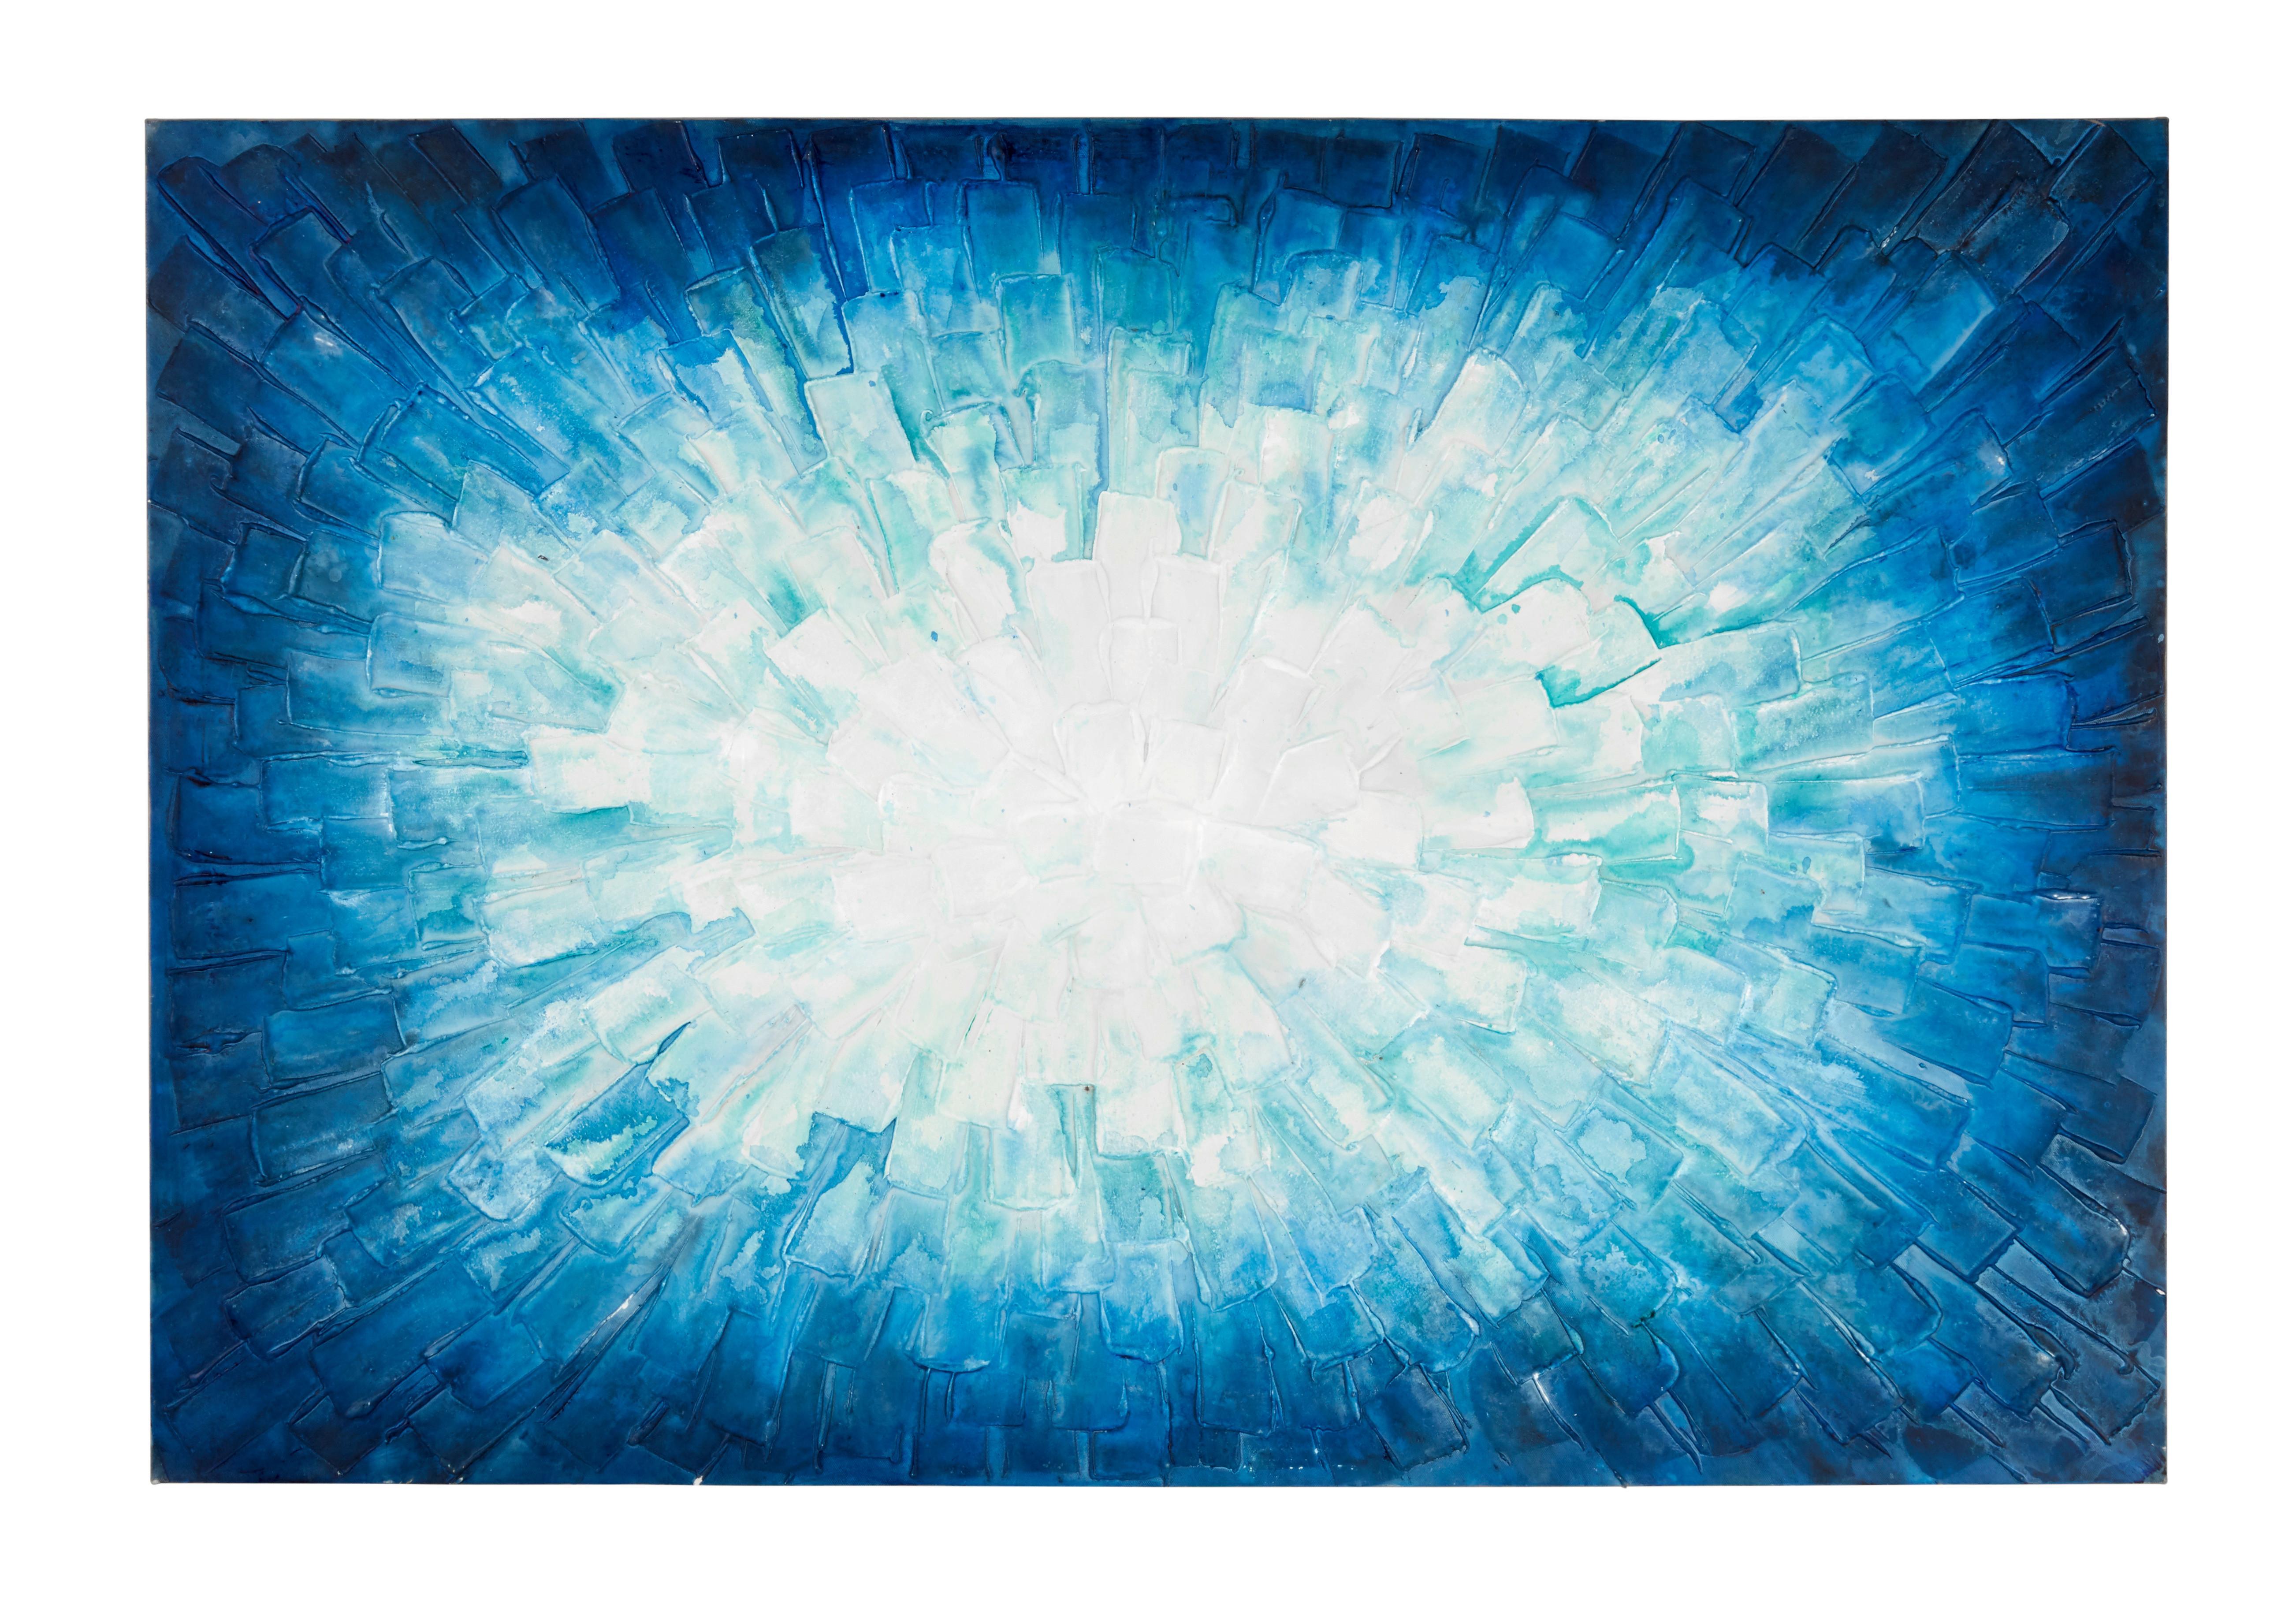 Image of Bild Acryl in Blau/Weiß